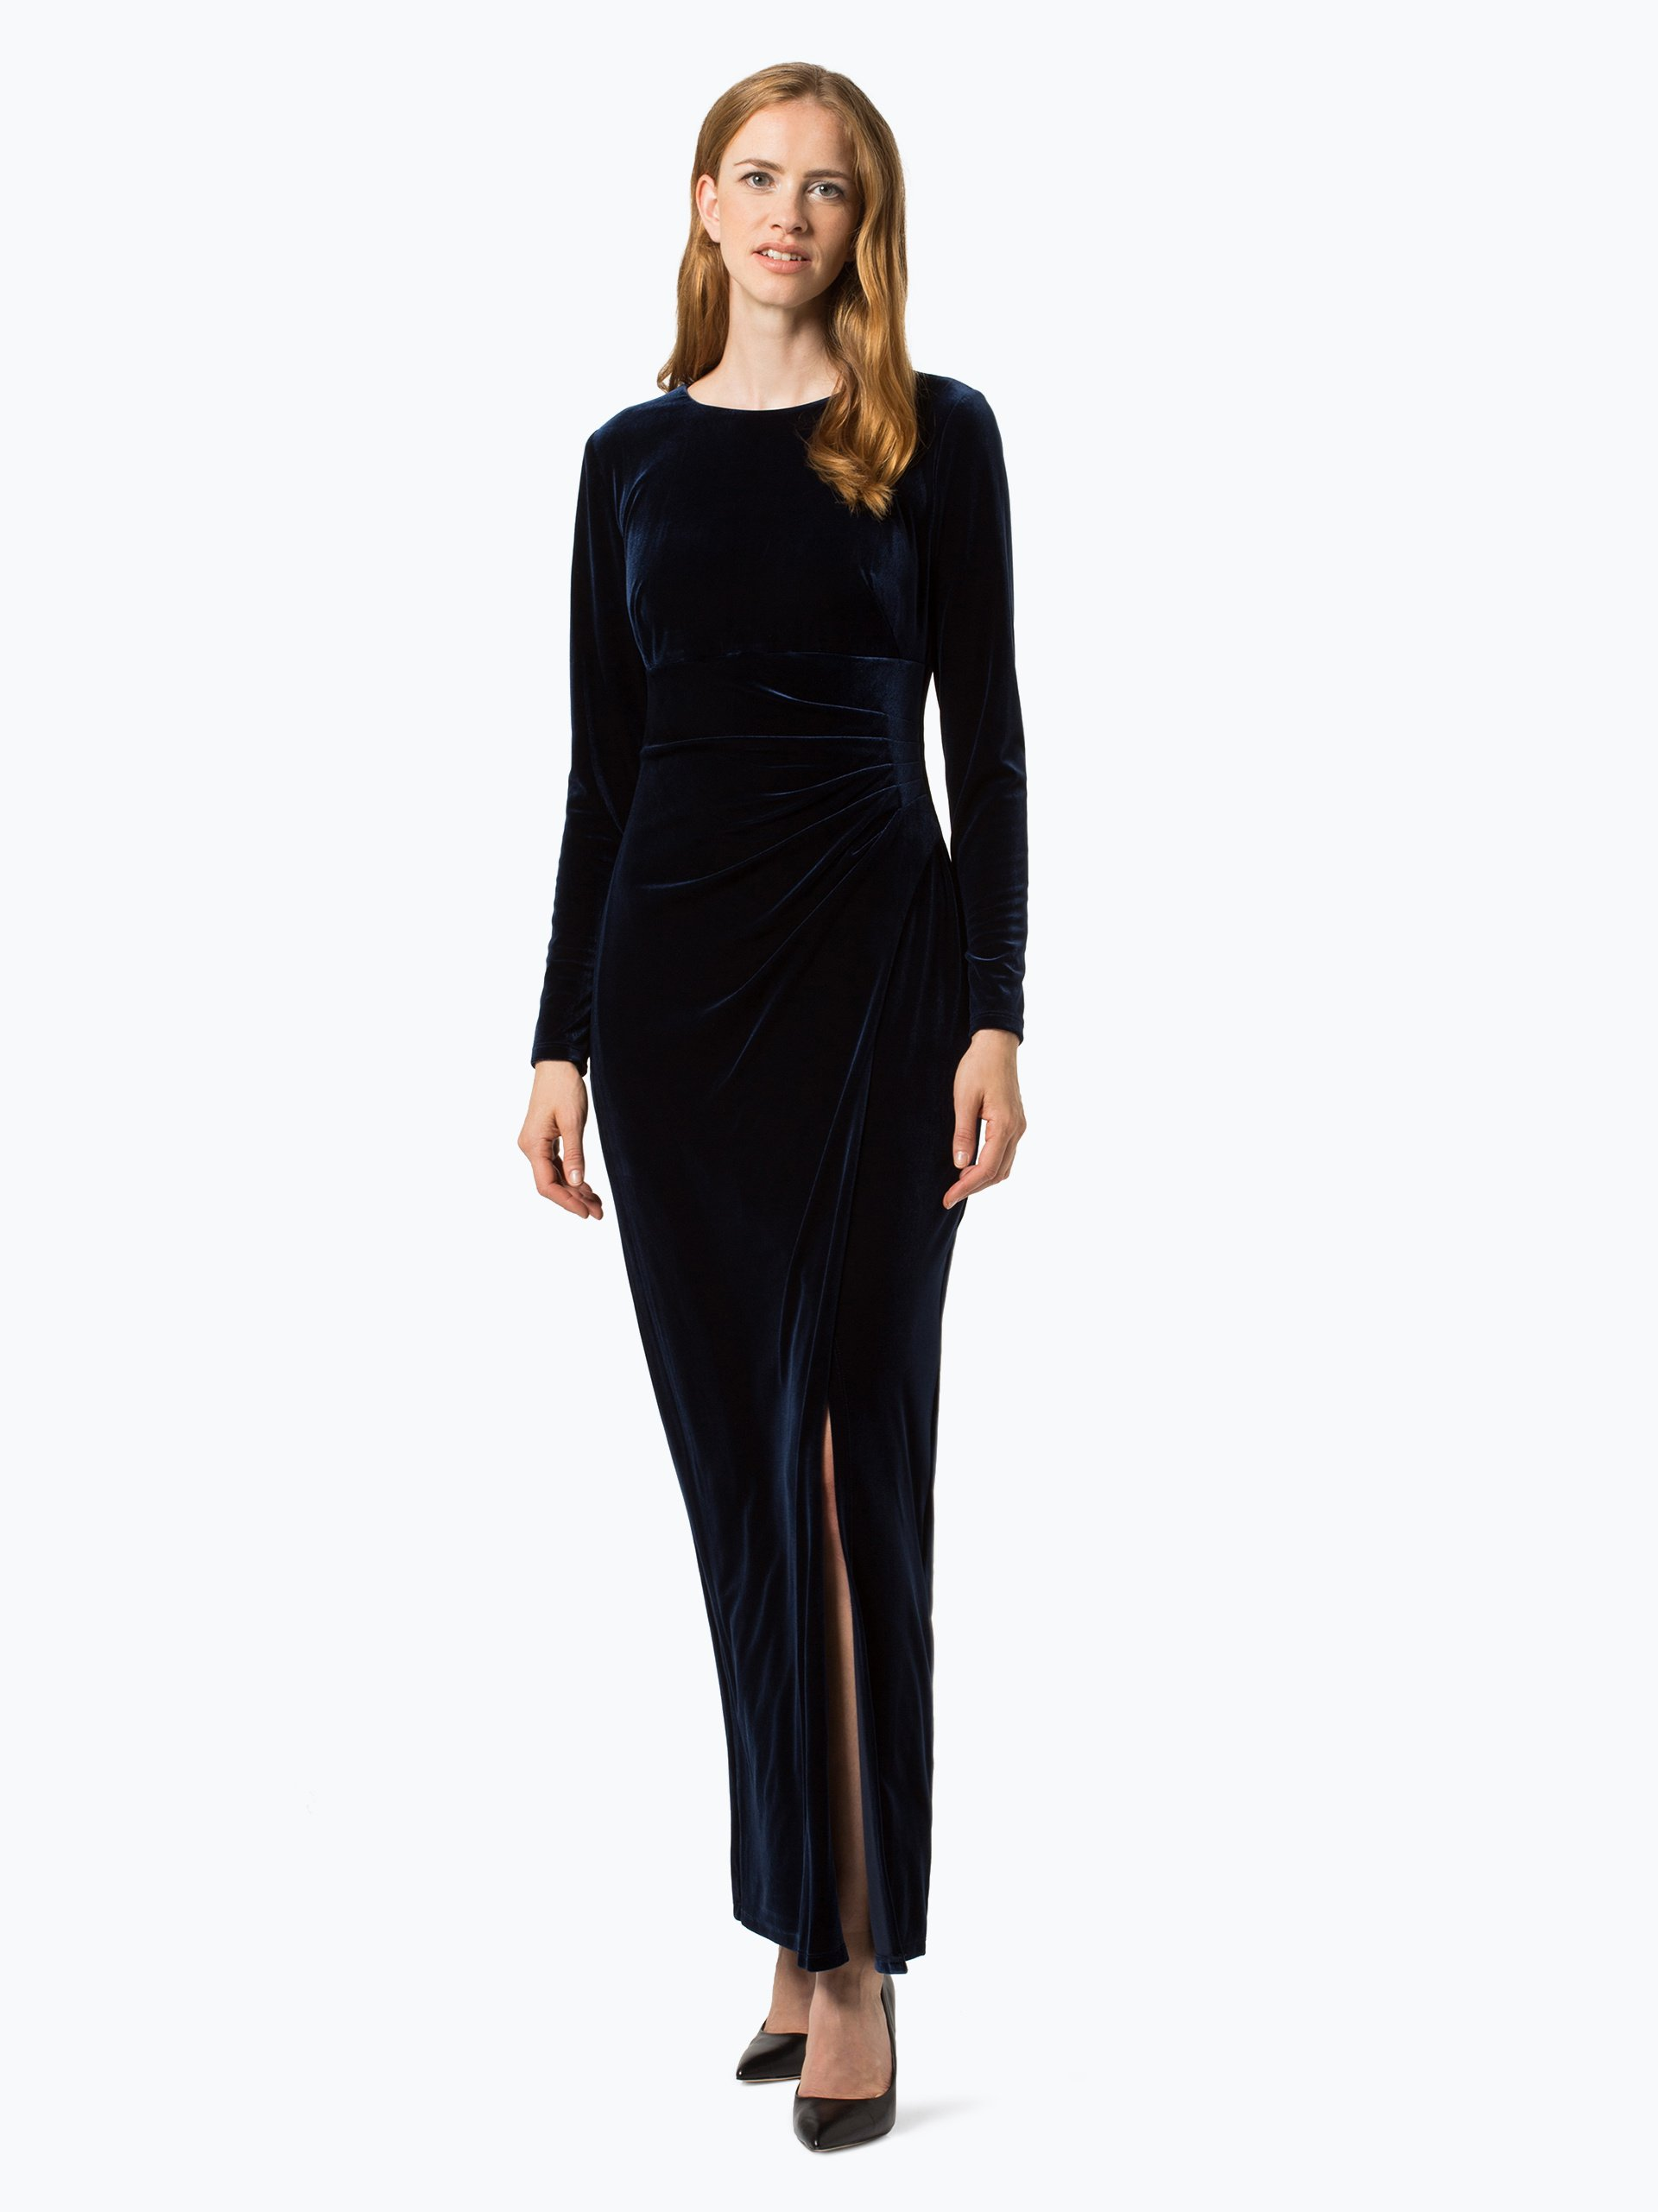 Lauren Damen Kleid